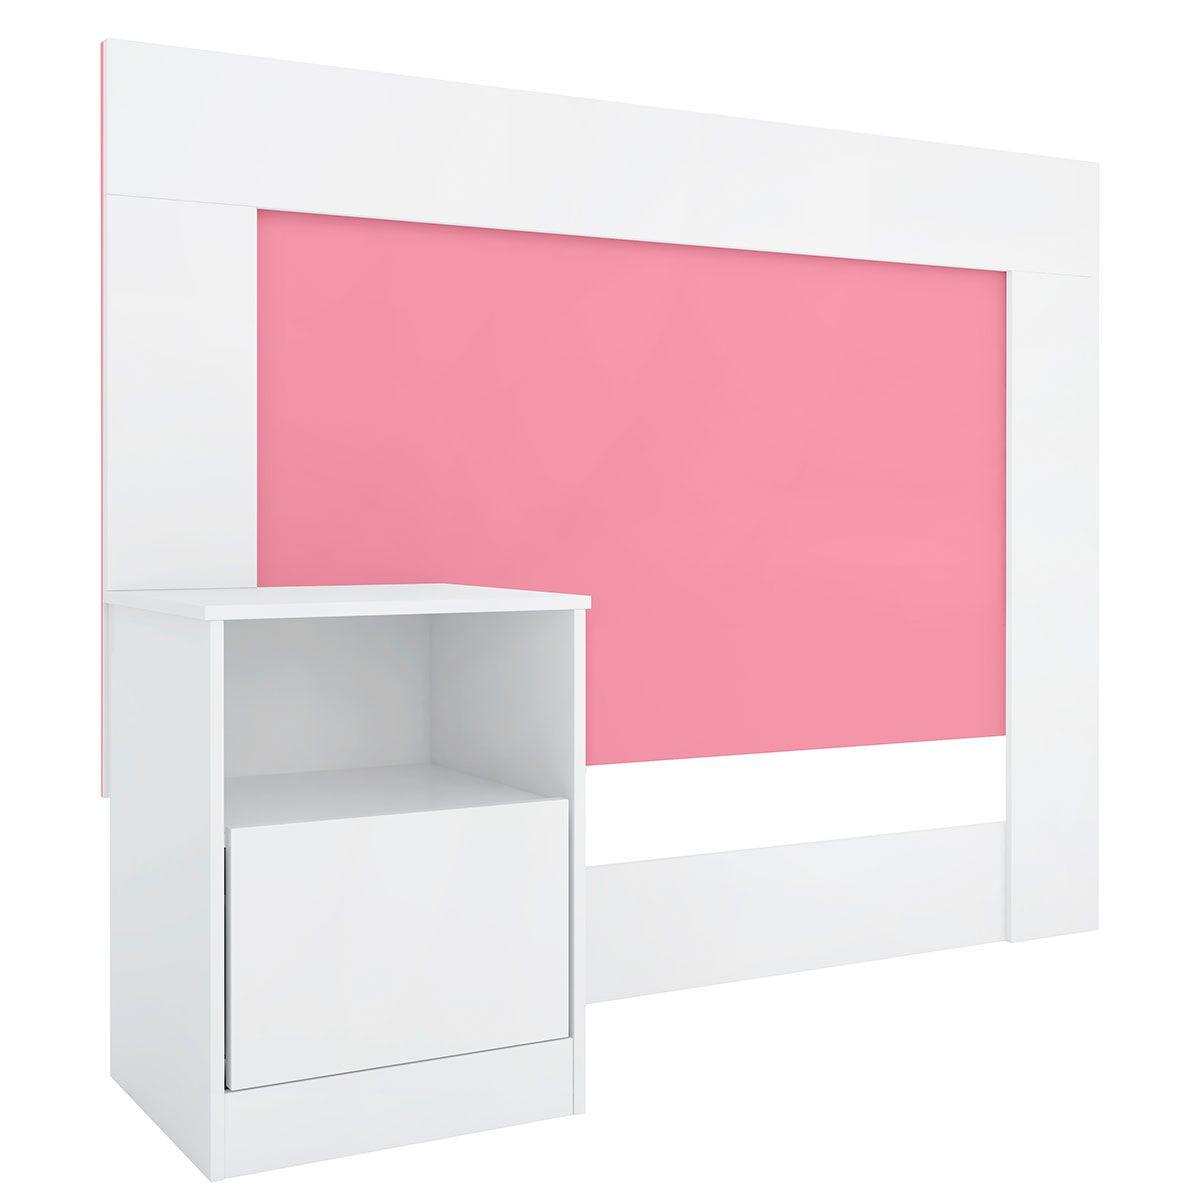 Cabeceira Solteiro com Criado London Branco/Rosa Demóbile